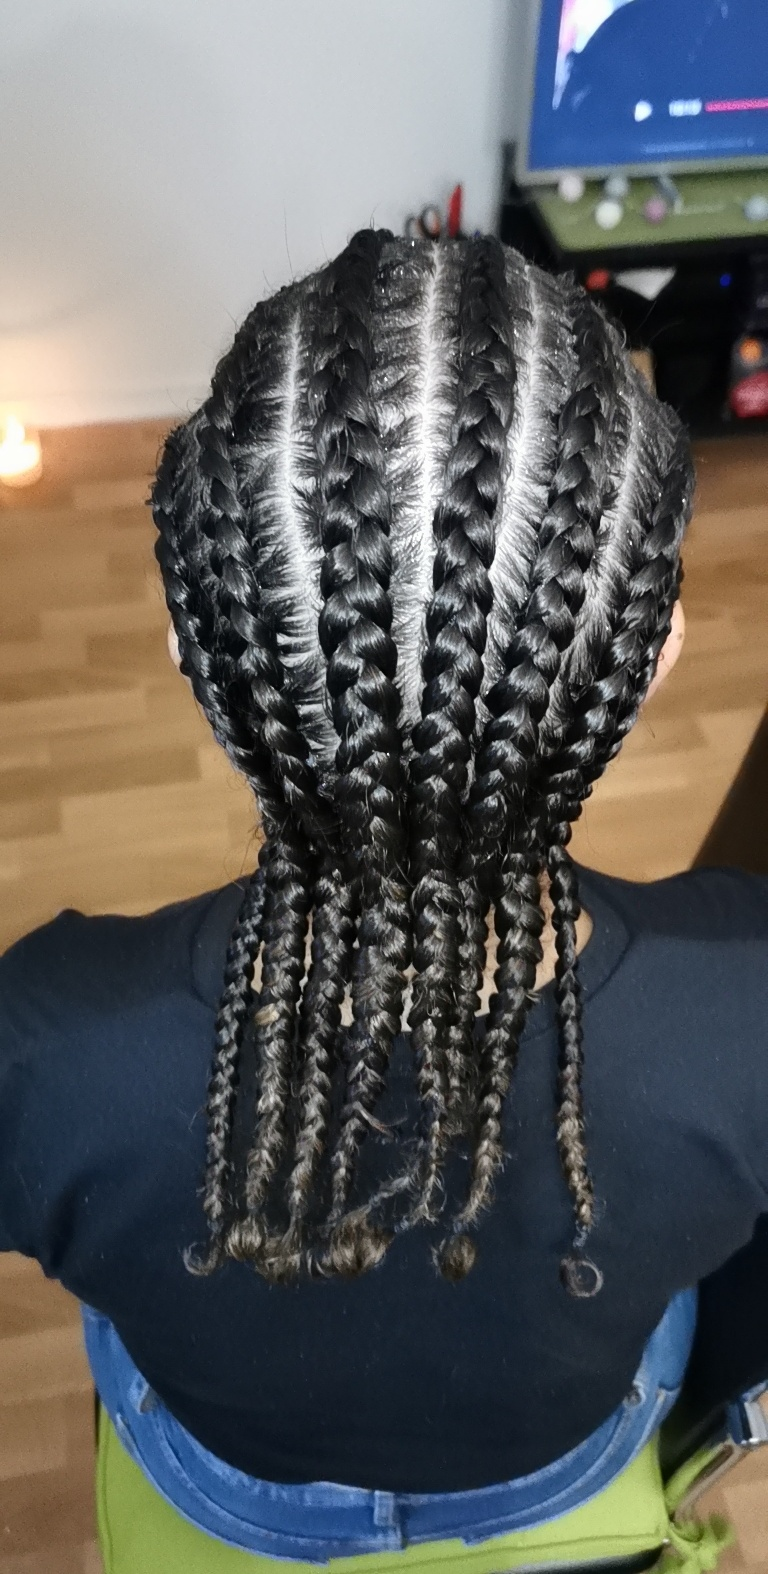 salon de coiffure afro tresse tresses box braids crochet braids vanilles tissages paris 75 77 78 91 92 93 94 95 DCIOXJIH